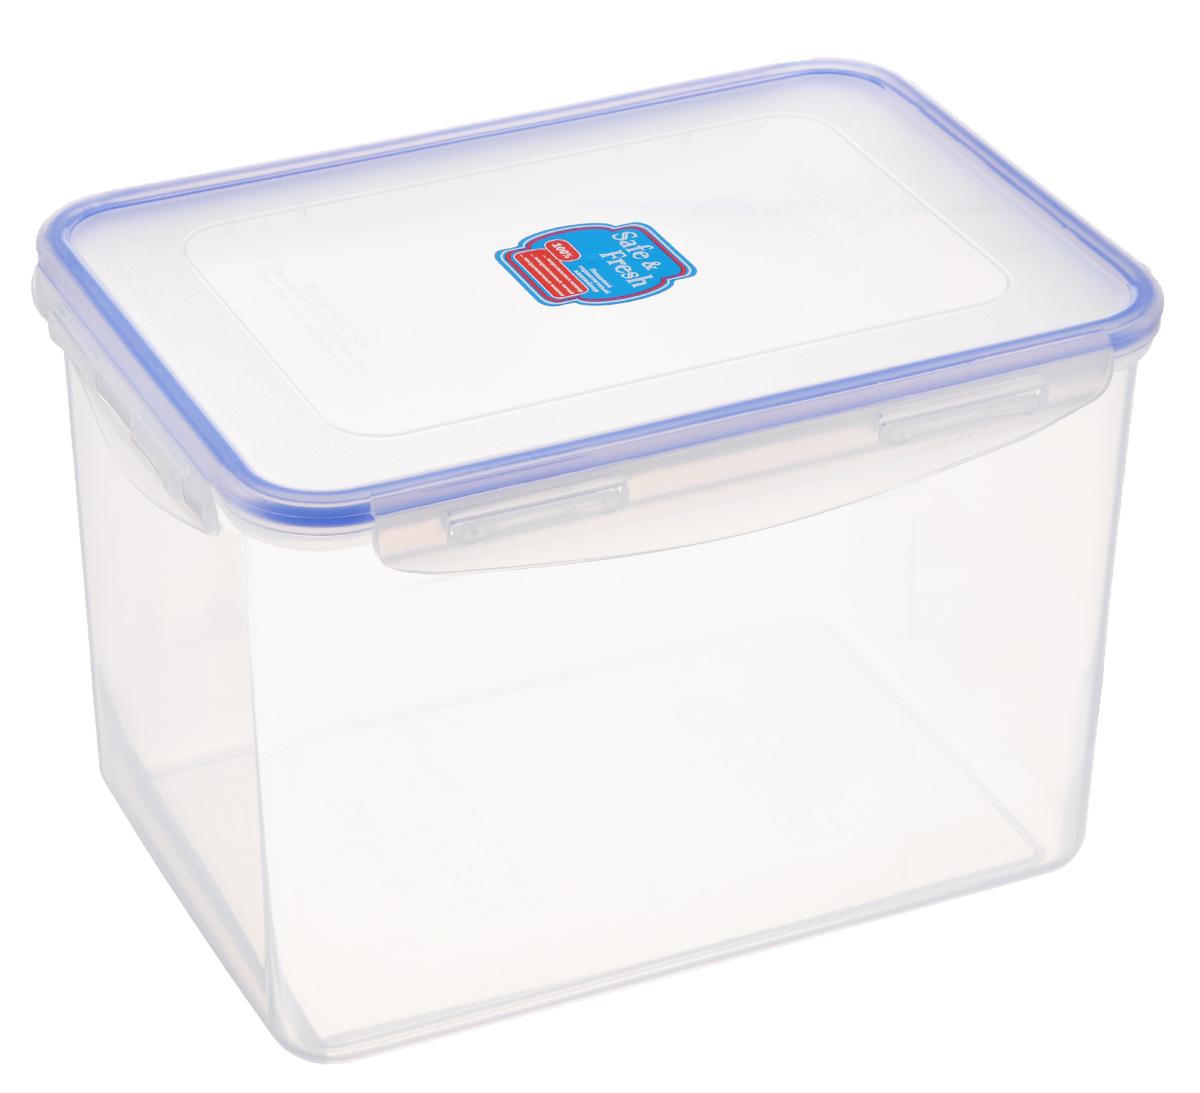 Контейнер пищевой Tek-a-Tek Safe & Fresh, цвет: прозрачный, синий, 3,9 лС561_голубойПищевой контейнер Tek-a-Tek Safe & Fresh выполнен из высококачественного пластика, устойчивого к высоким температурам. Контейнер предназначен для хранения продуктов питания, замораживания и разогревания в микроволновой печи. Изделие оснащено четырехсторонними петлями-замками и силиконовой прокладкой на внутренней стороне крышки, что позволяет сохранять герметичность.Изделие абсолютно нетоксично при любом температурном режиме. Можно использовать в посудомоечной машине до +120°С, в микроволновой печи (без крышки), в морозильной камере -40°С.